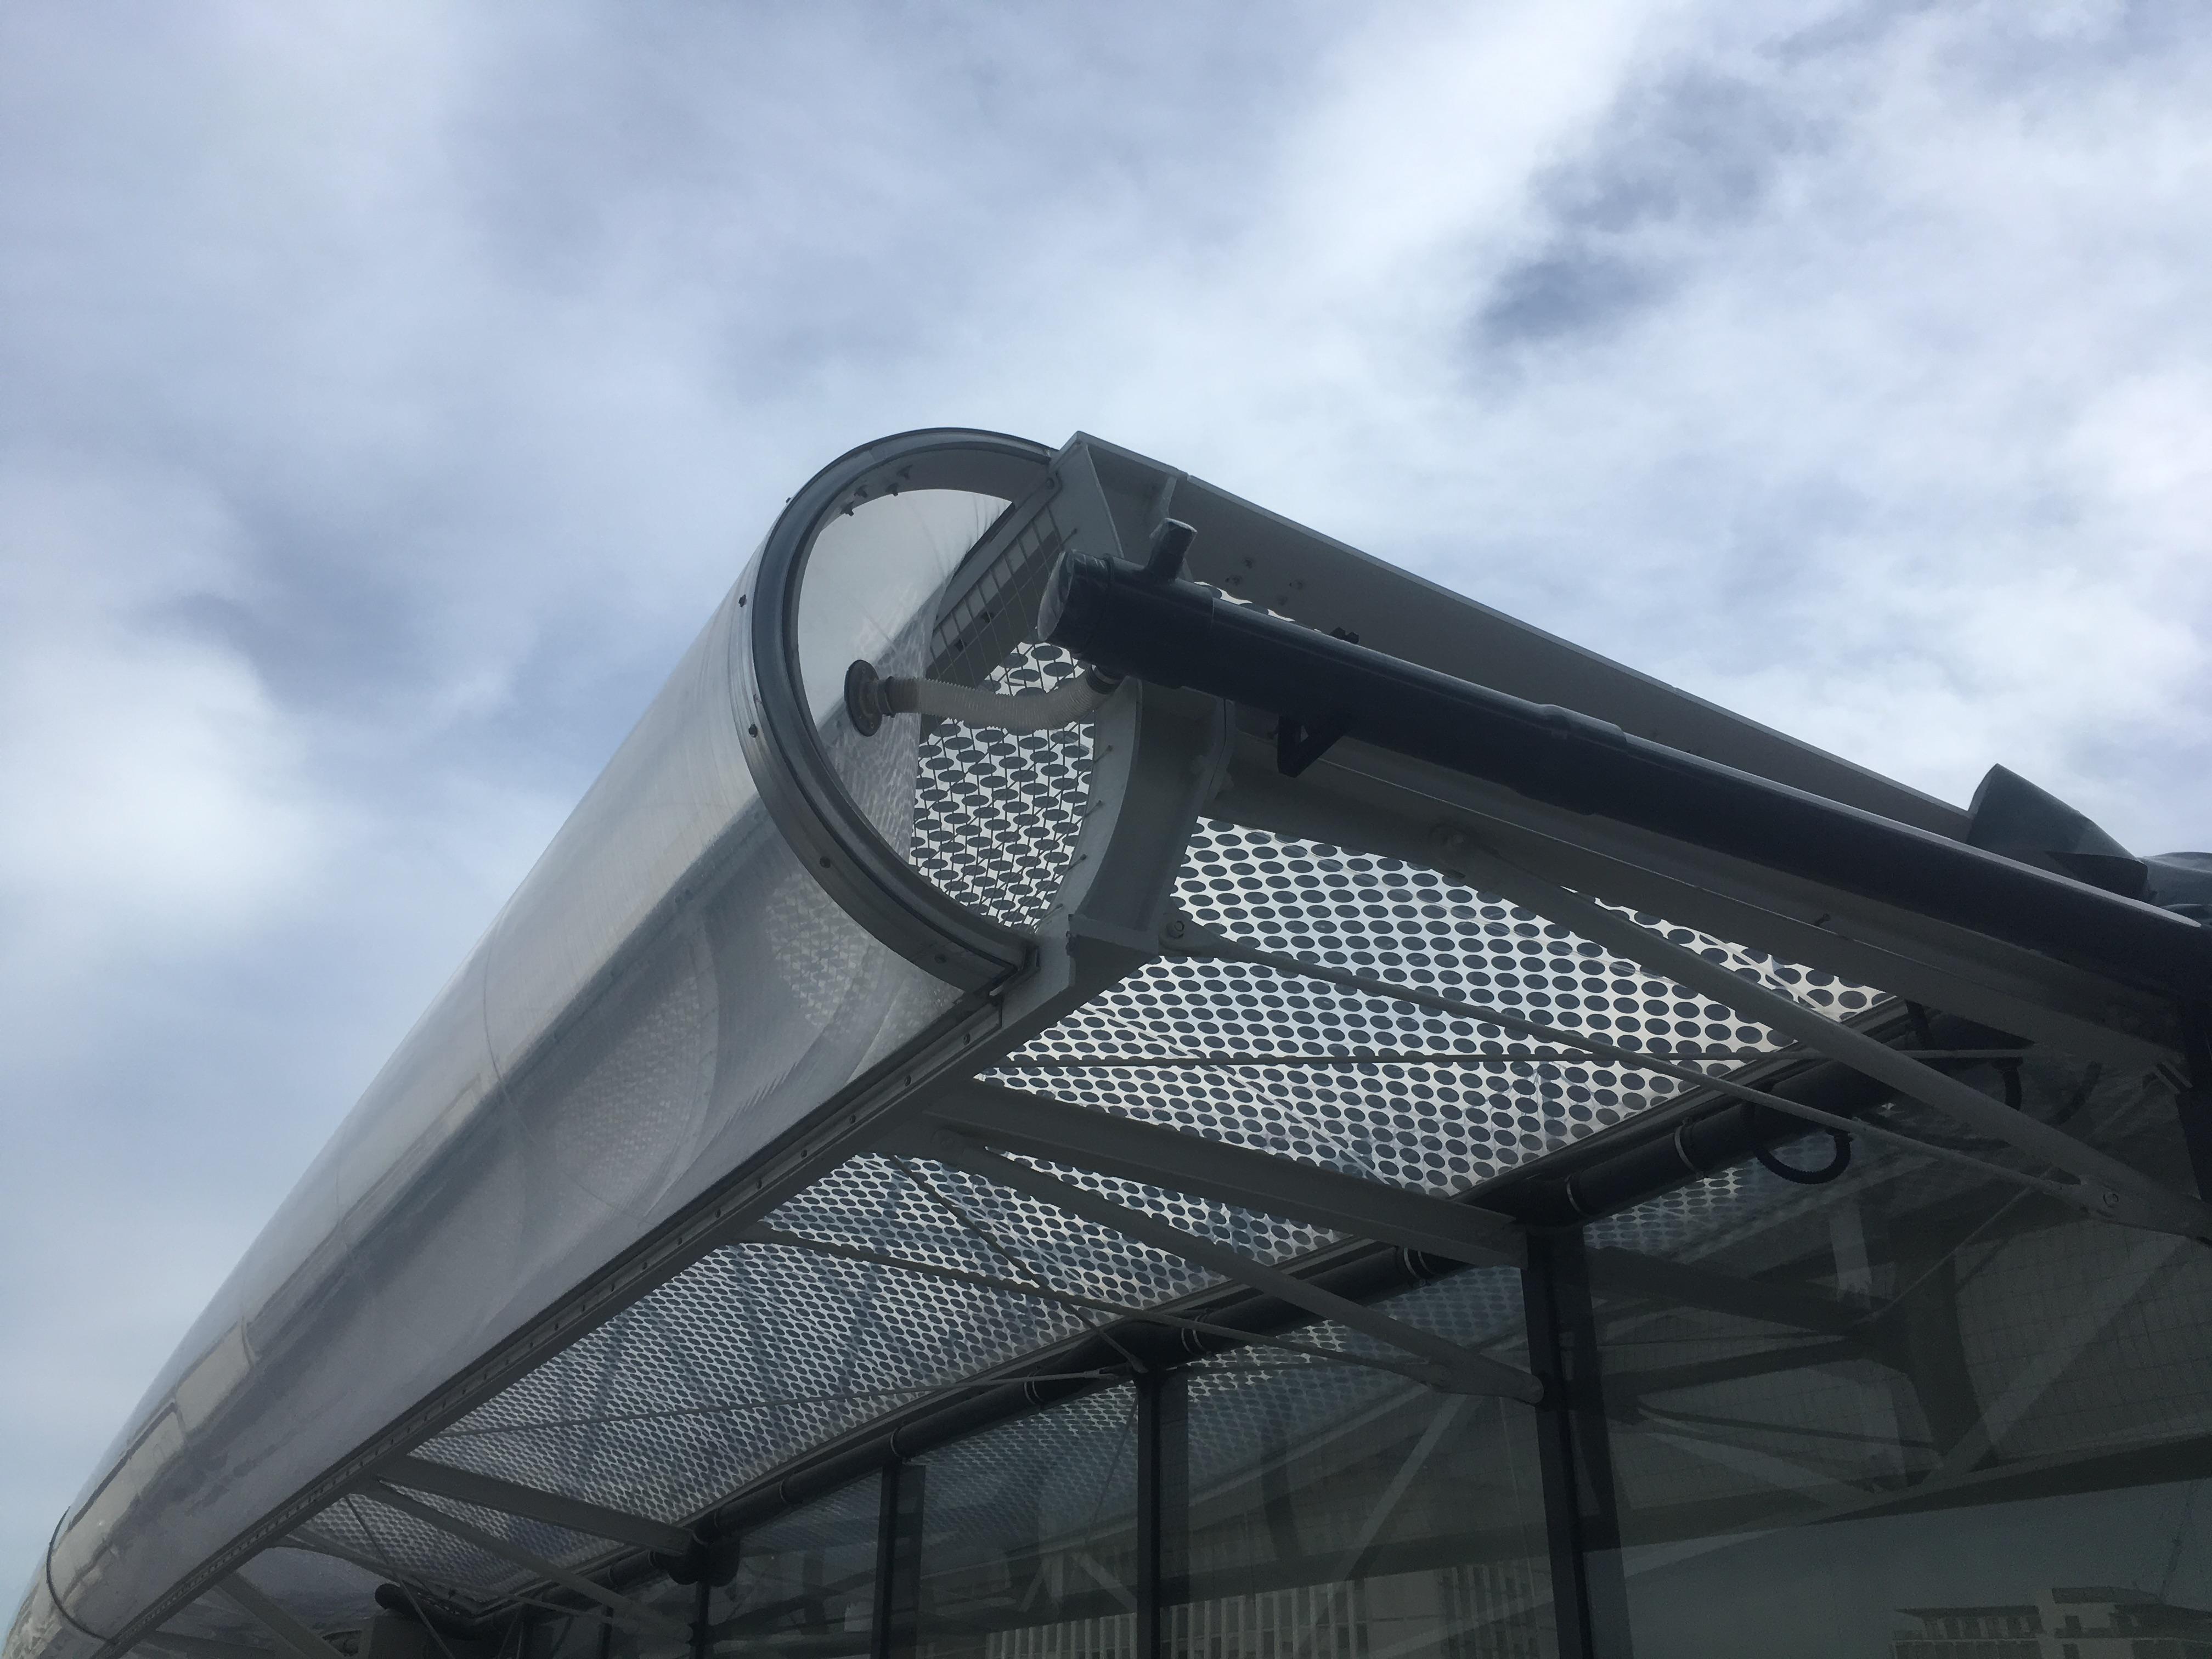 Gare de Rennes - Rénovation avril 2018 (19).jpg Français : Aperçu de la rénovation de la Gare de Rennes prise en avril 2018 Date 6 April 2018